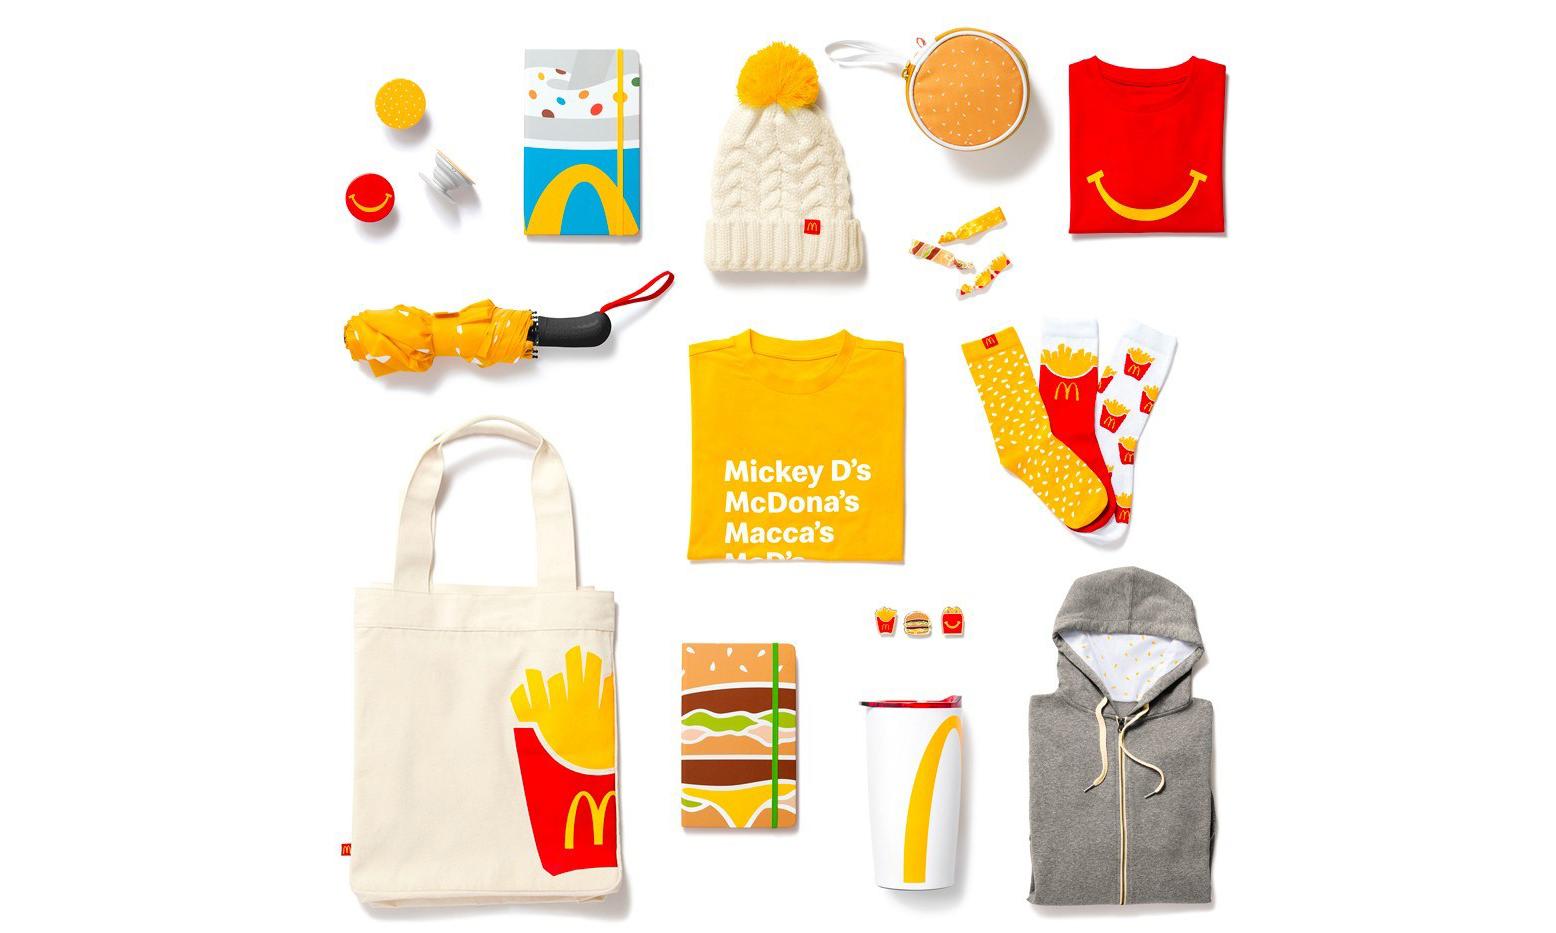 涉足时尚界,McDonald's 首次推出圣诞节时尚小物系列